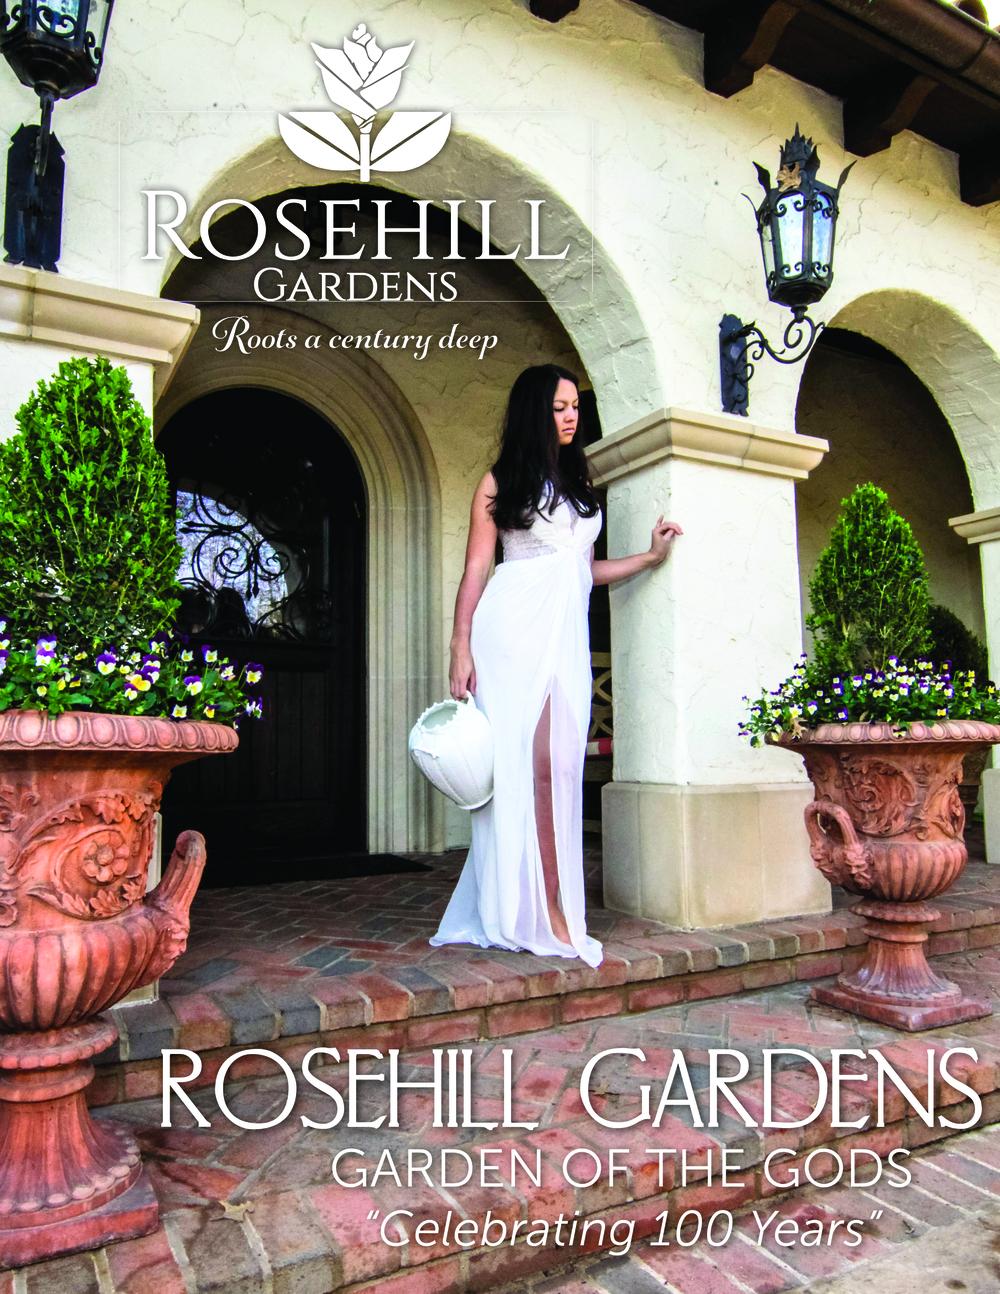 Rosehill Reprint.jpg